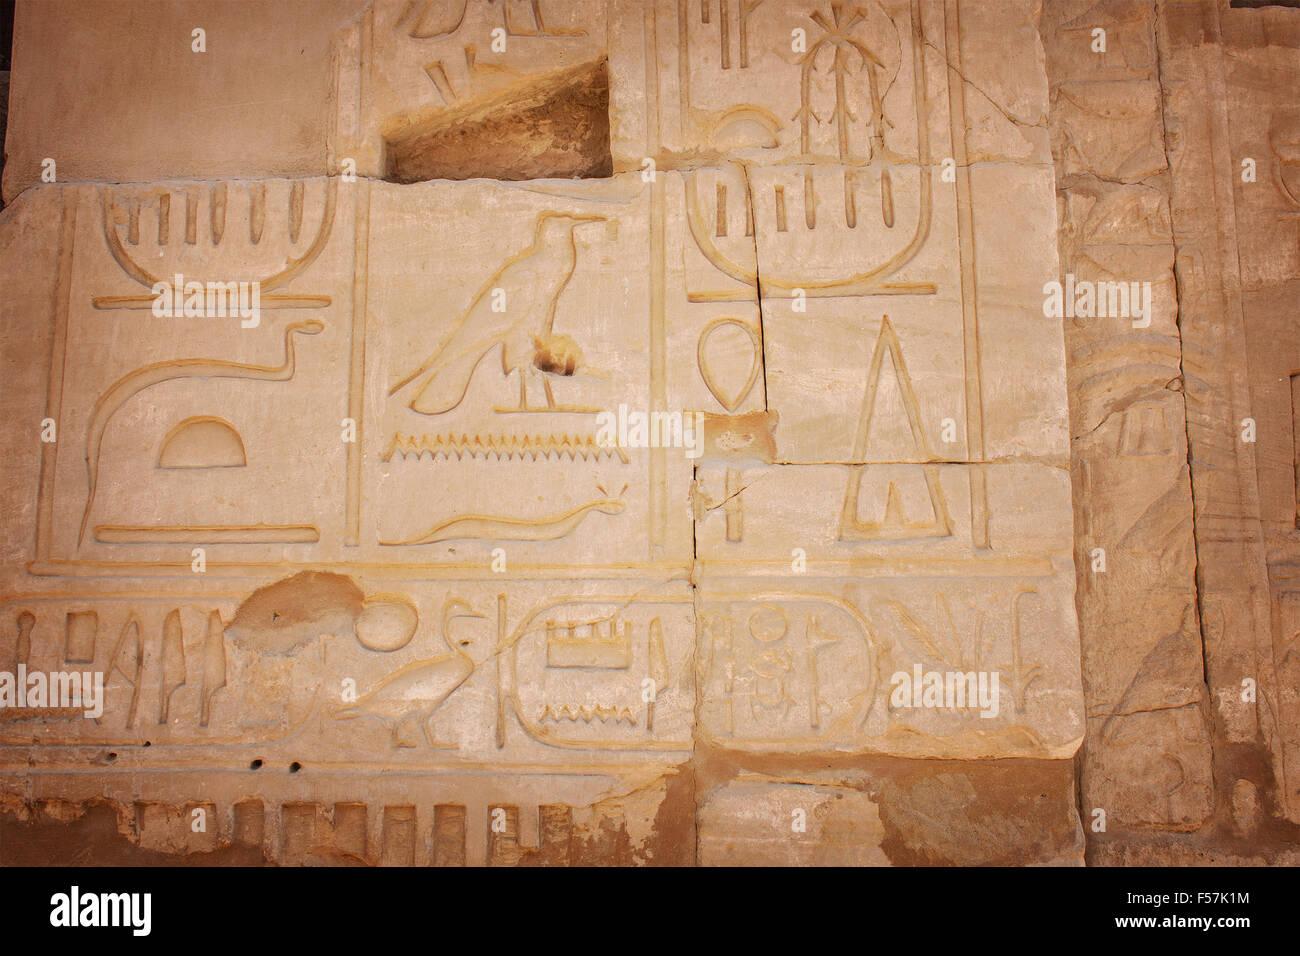 Imagen de imágenes talladas en el templo de Karnak, Egipto. Imagen De Stock